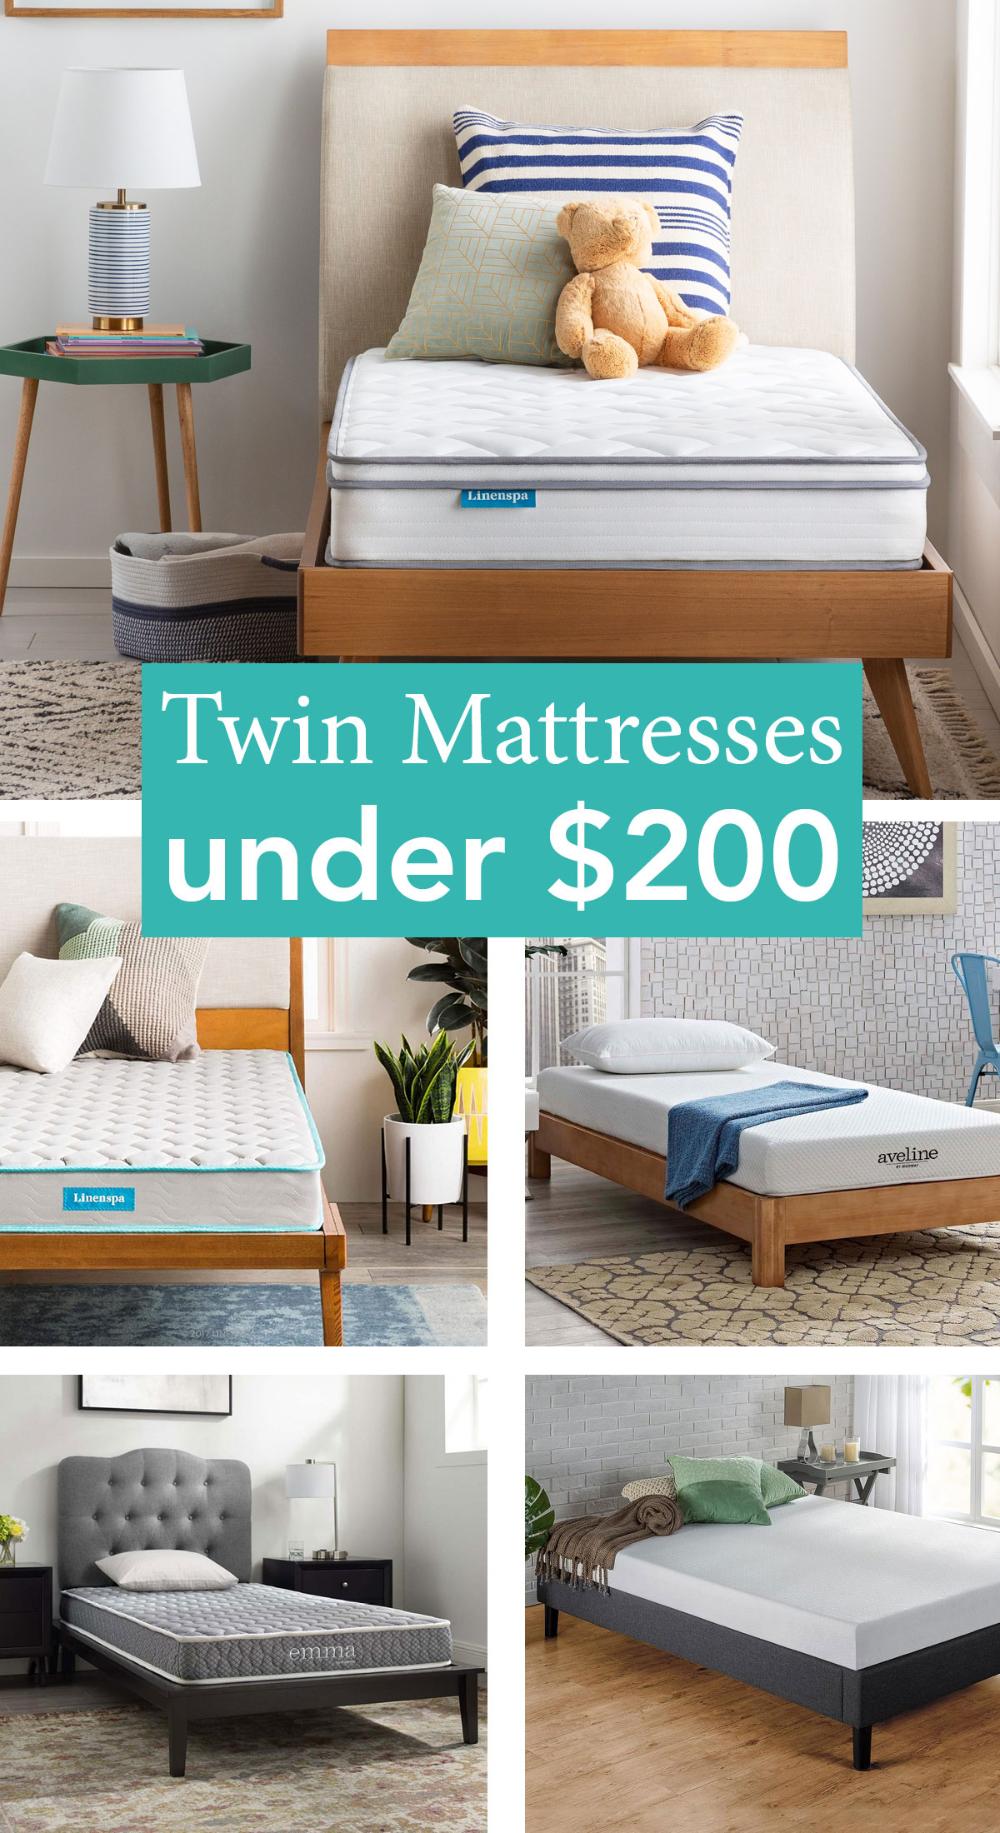 Twin Mattresses Under 200 In 2020 Twin Mattress Mattress Twin Matress